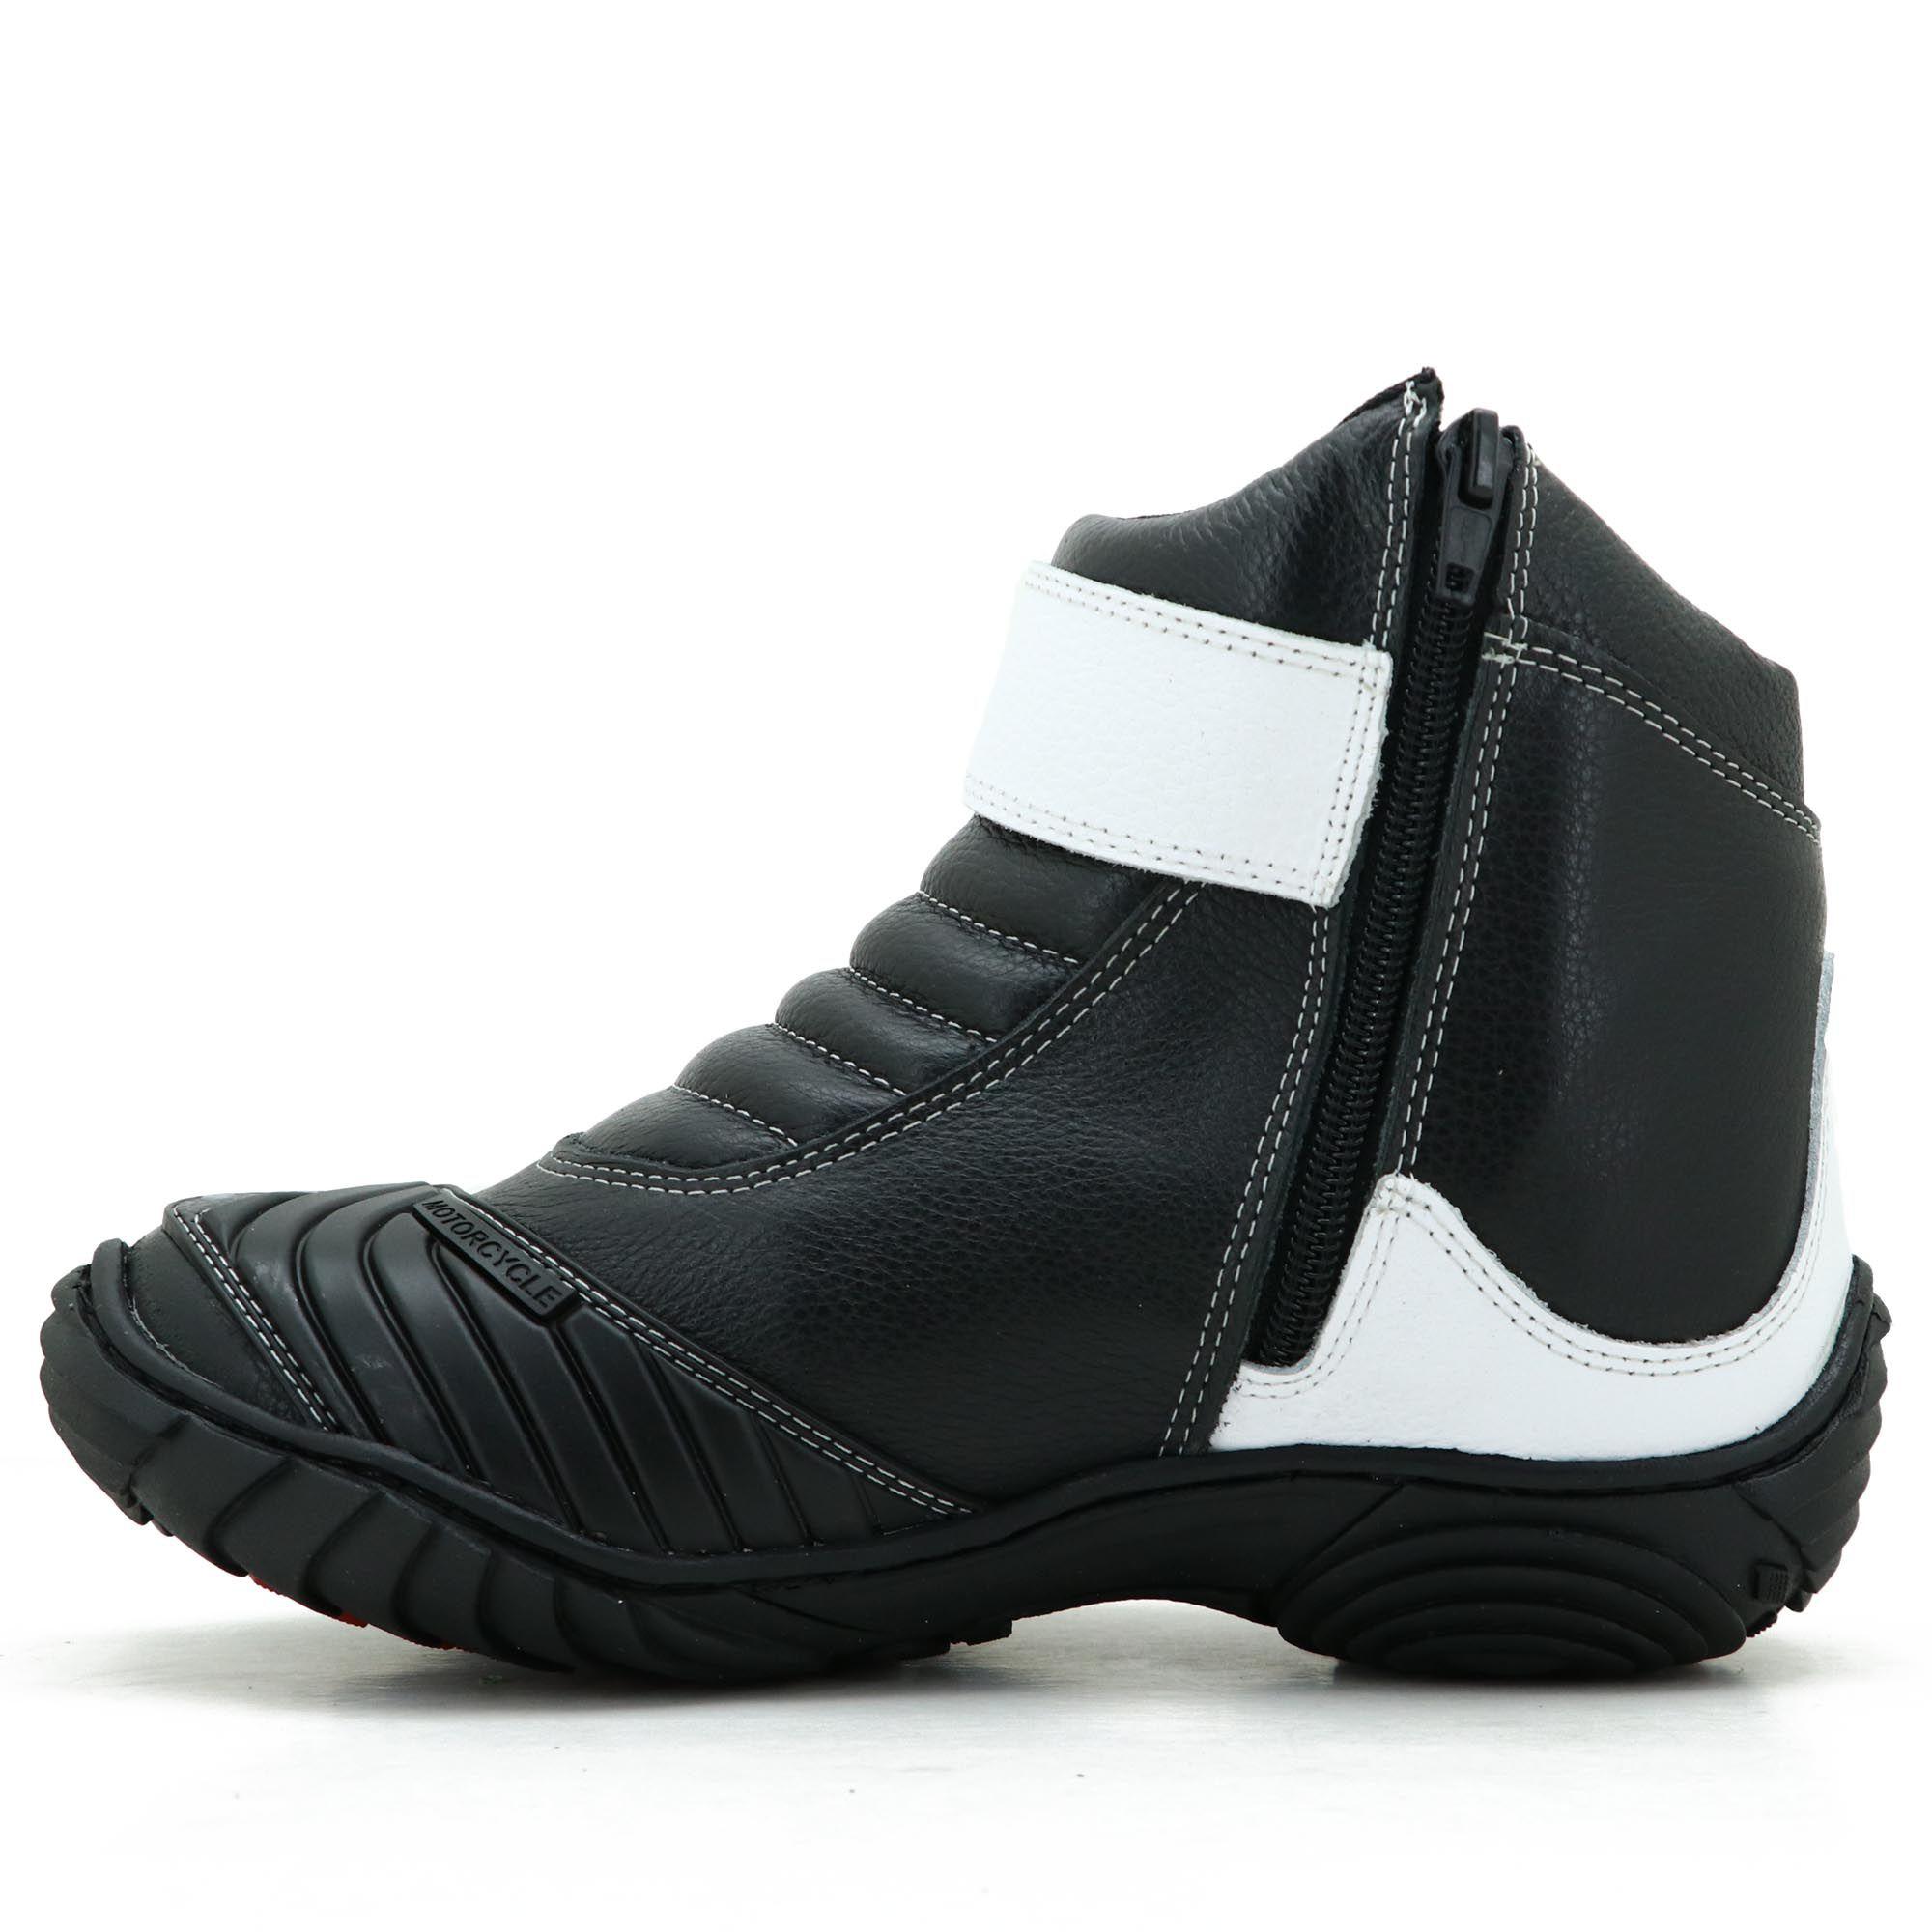 Bota para motociclista de couro legítimo com logo Atron Shoes